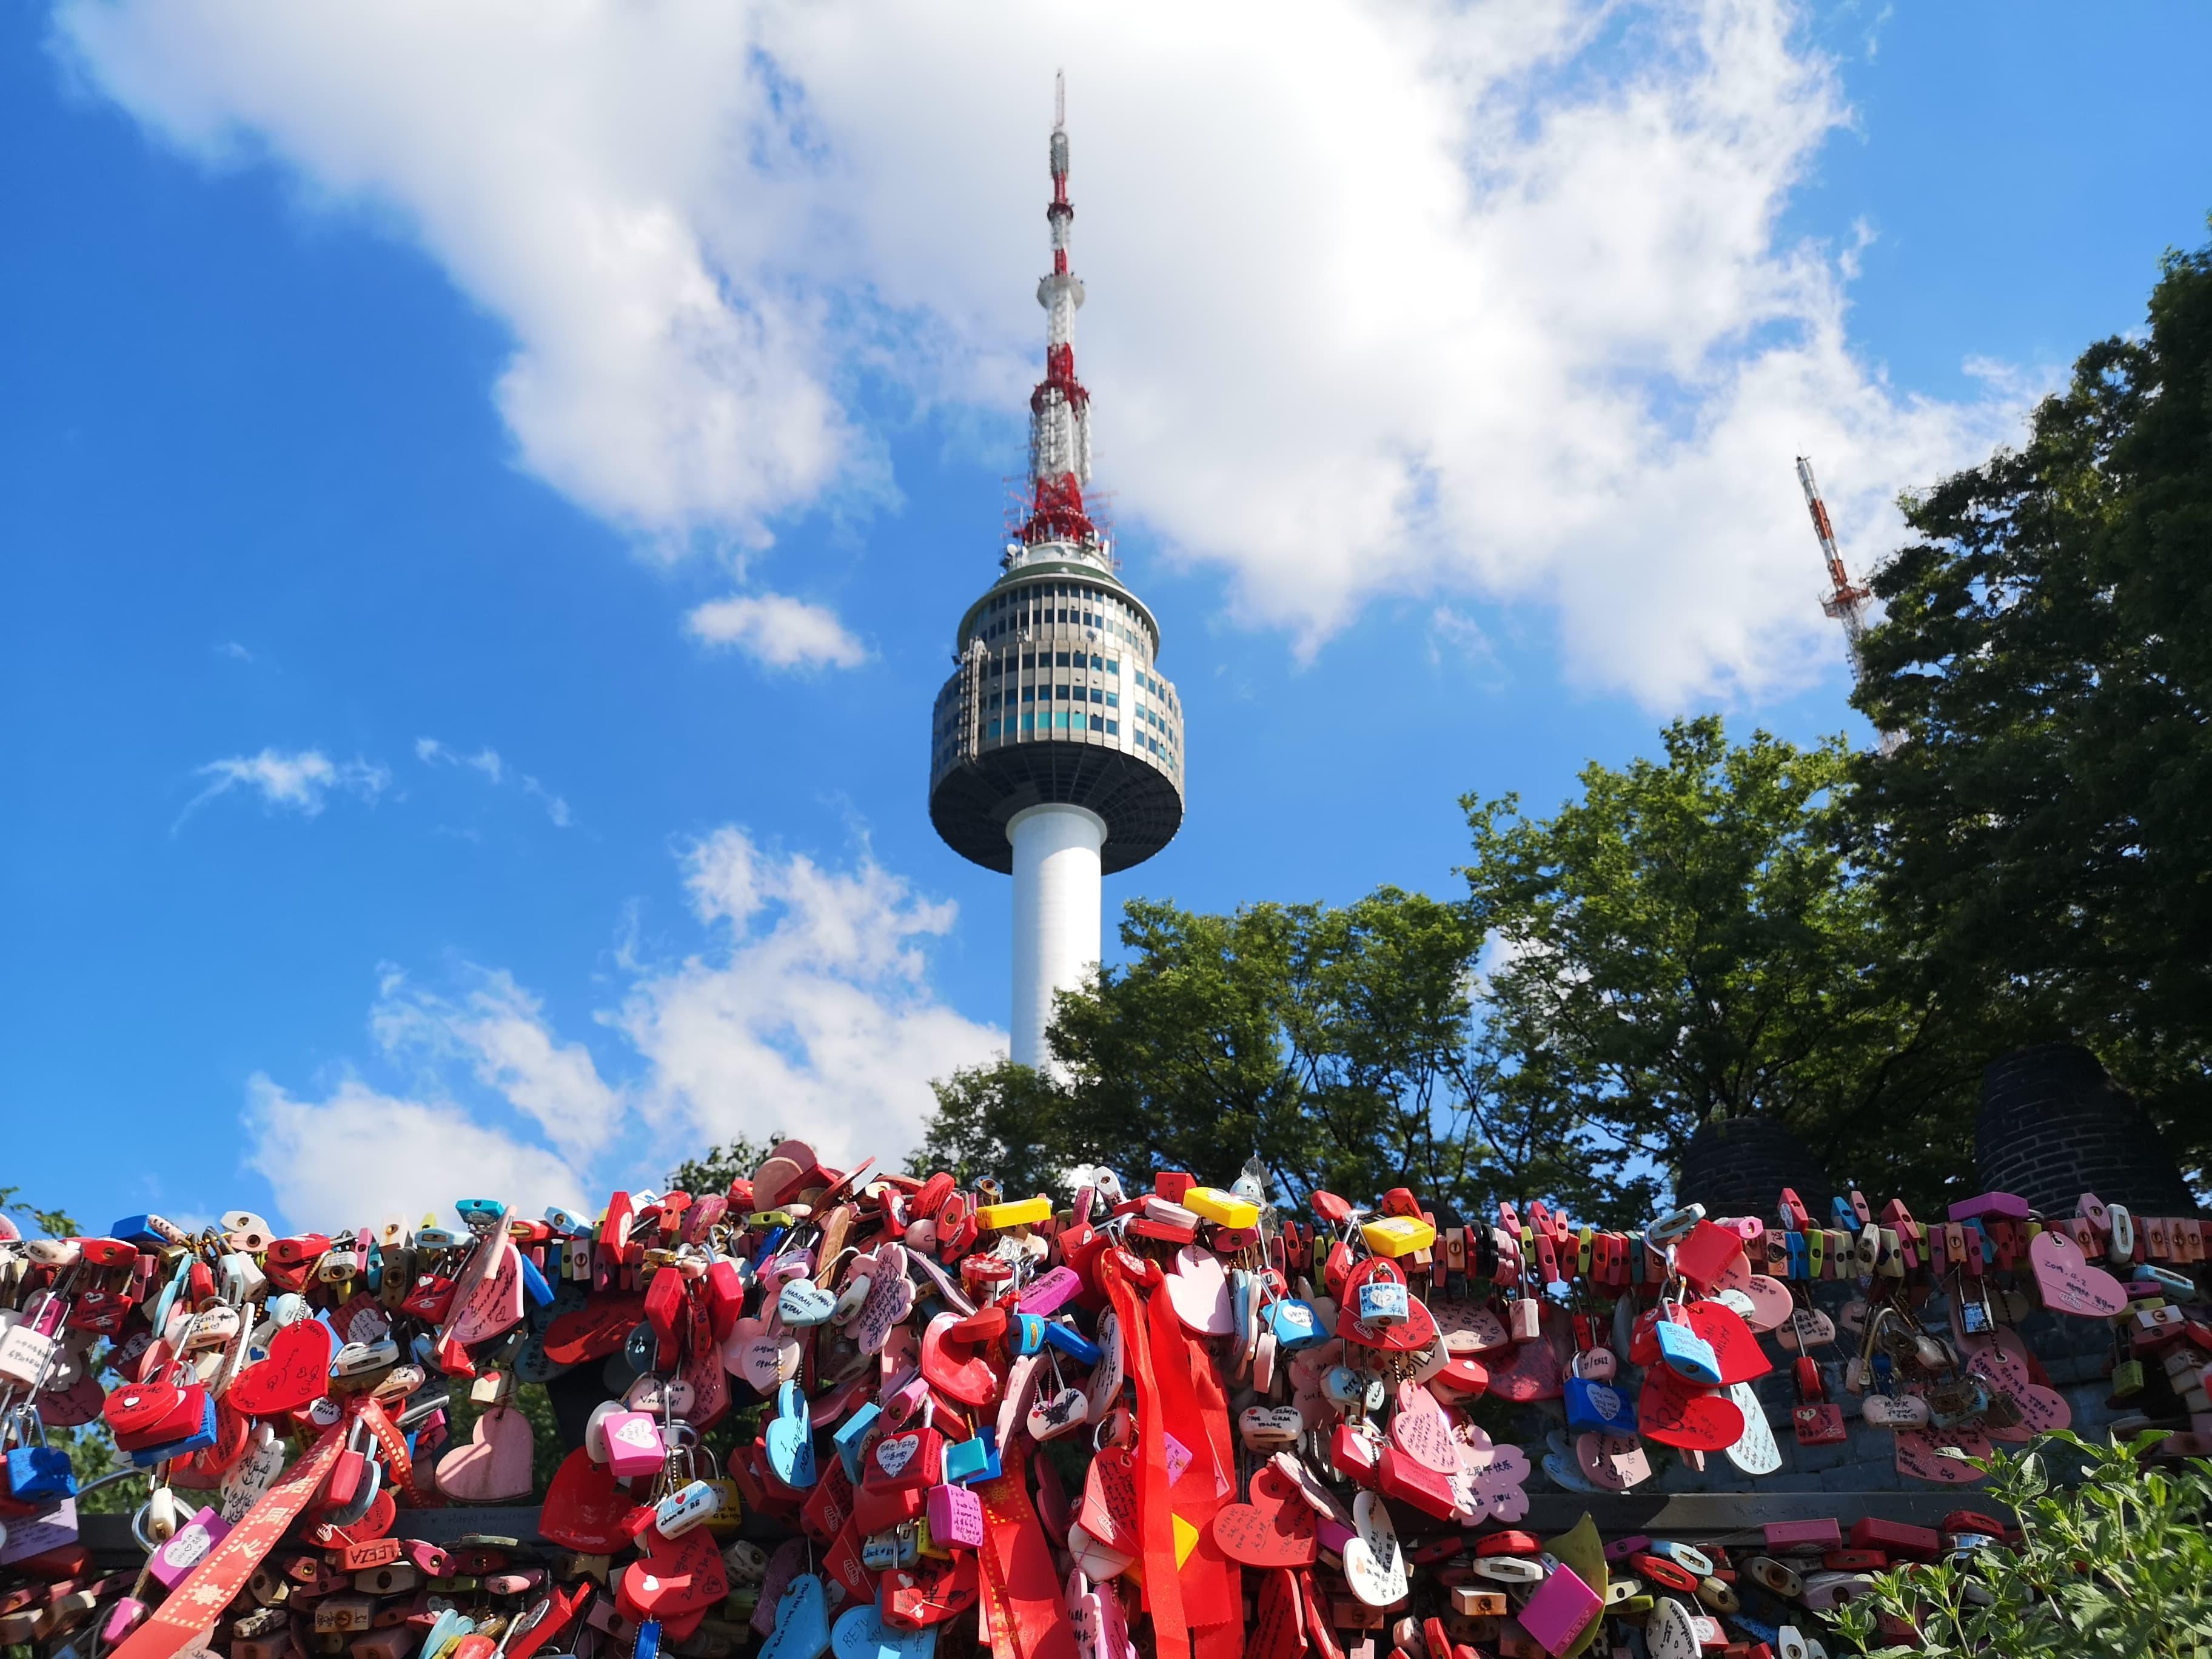 HØYT: Seoul Tower er Asias 10.høyeste tårn.